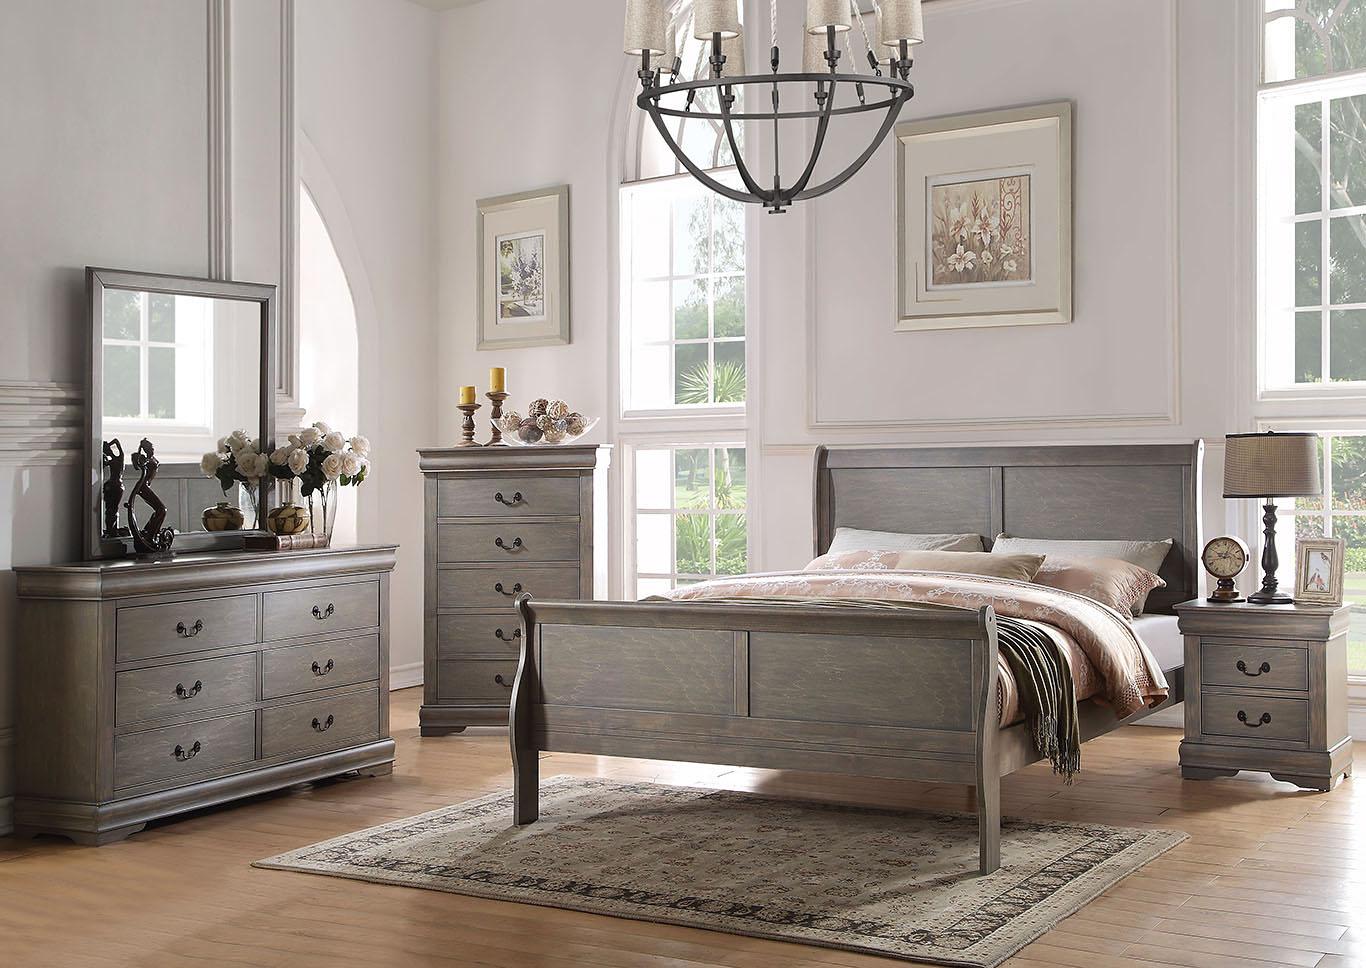 390e67d92d920 Choice Furniture Louis Philippe Antique Gray Mirror